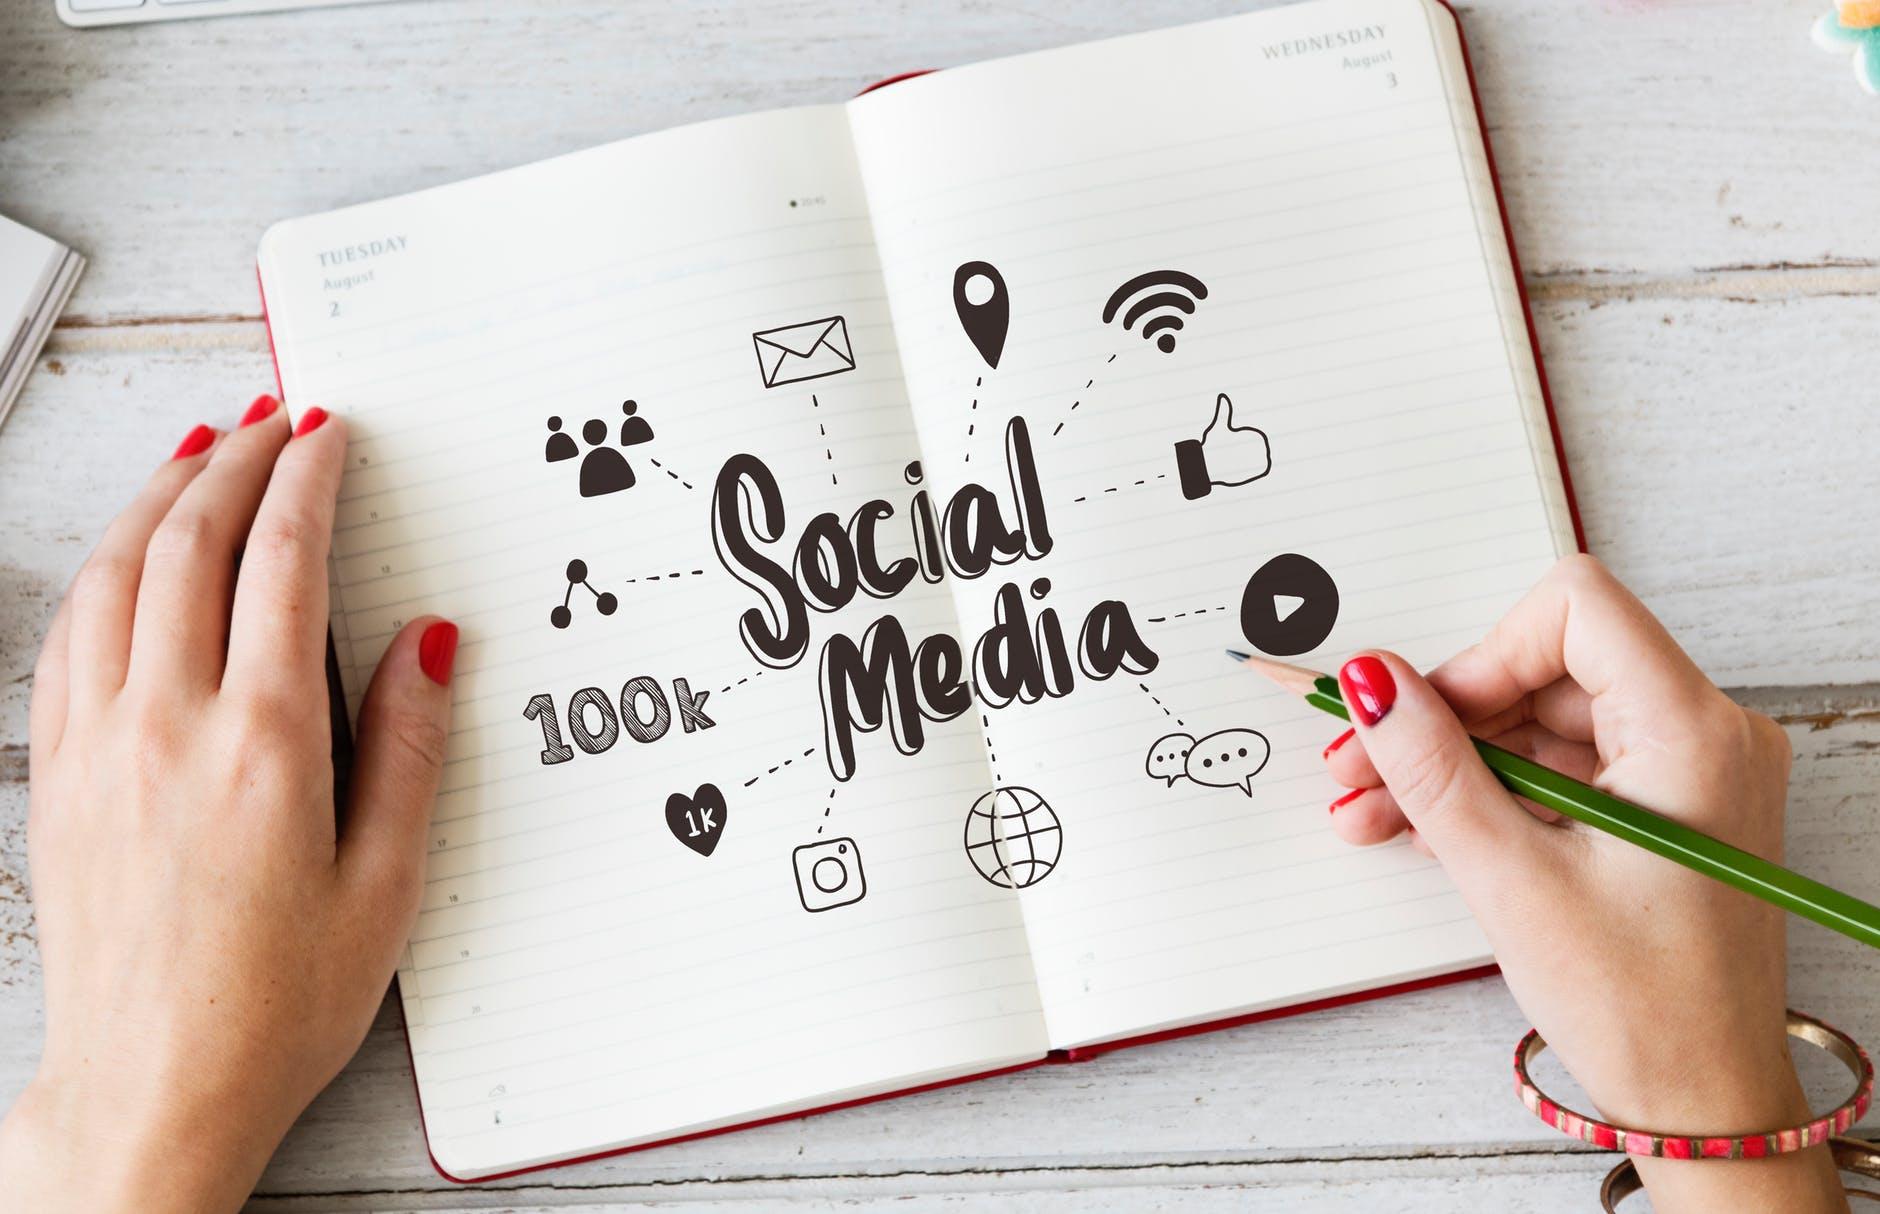 social media ideas notepad